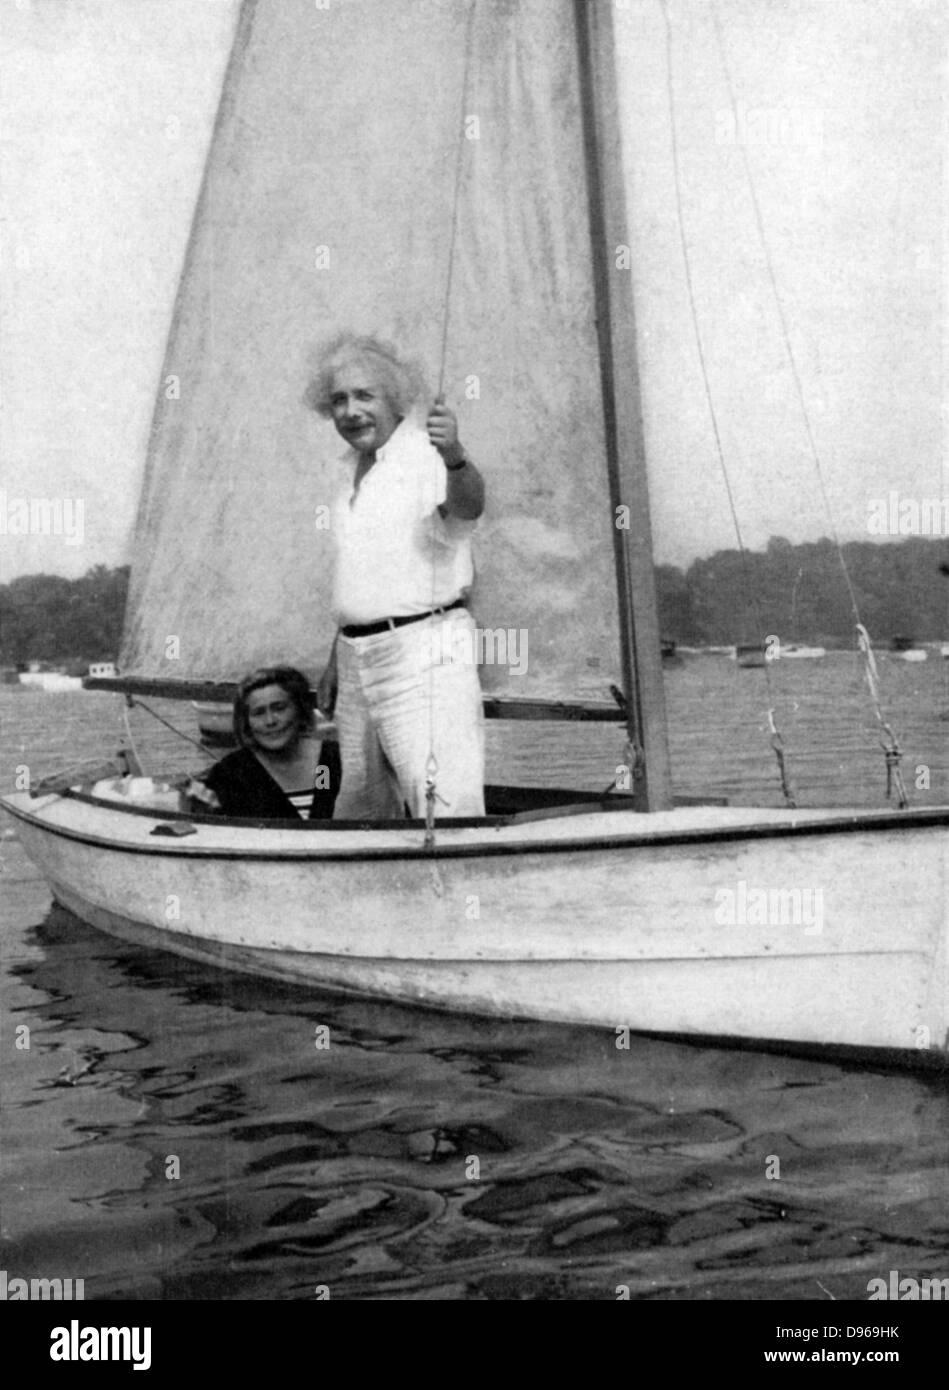 Albert Einstein (1879-1955) deutsch-schweizerischer Mathematiker. Einstein Segeln. Stockbild